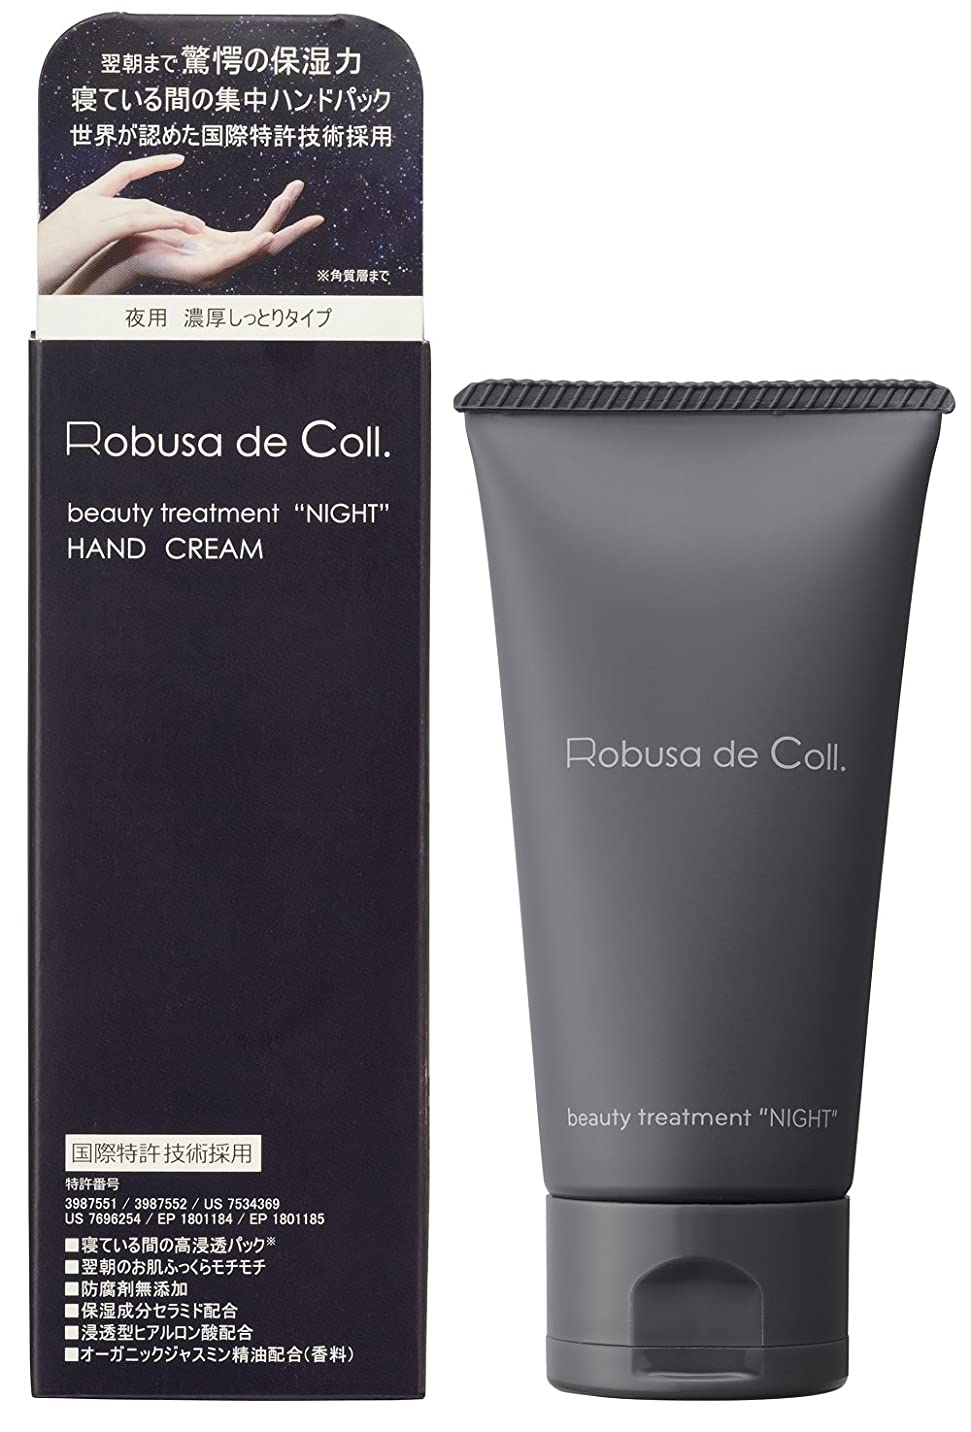 エコーエコーアルコーブRobusa de Coll. (ロブサデコル) ナイトリペアクリーム (ハンドクリーム) 60g (皮膚保護クリーム 乾燥 敏感肌用)